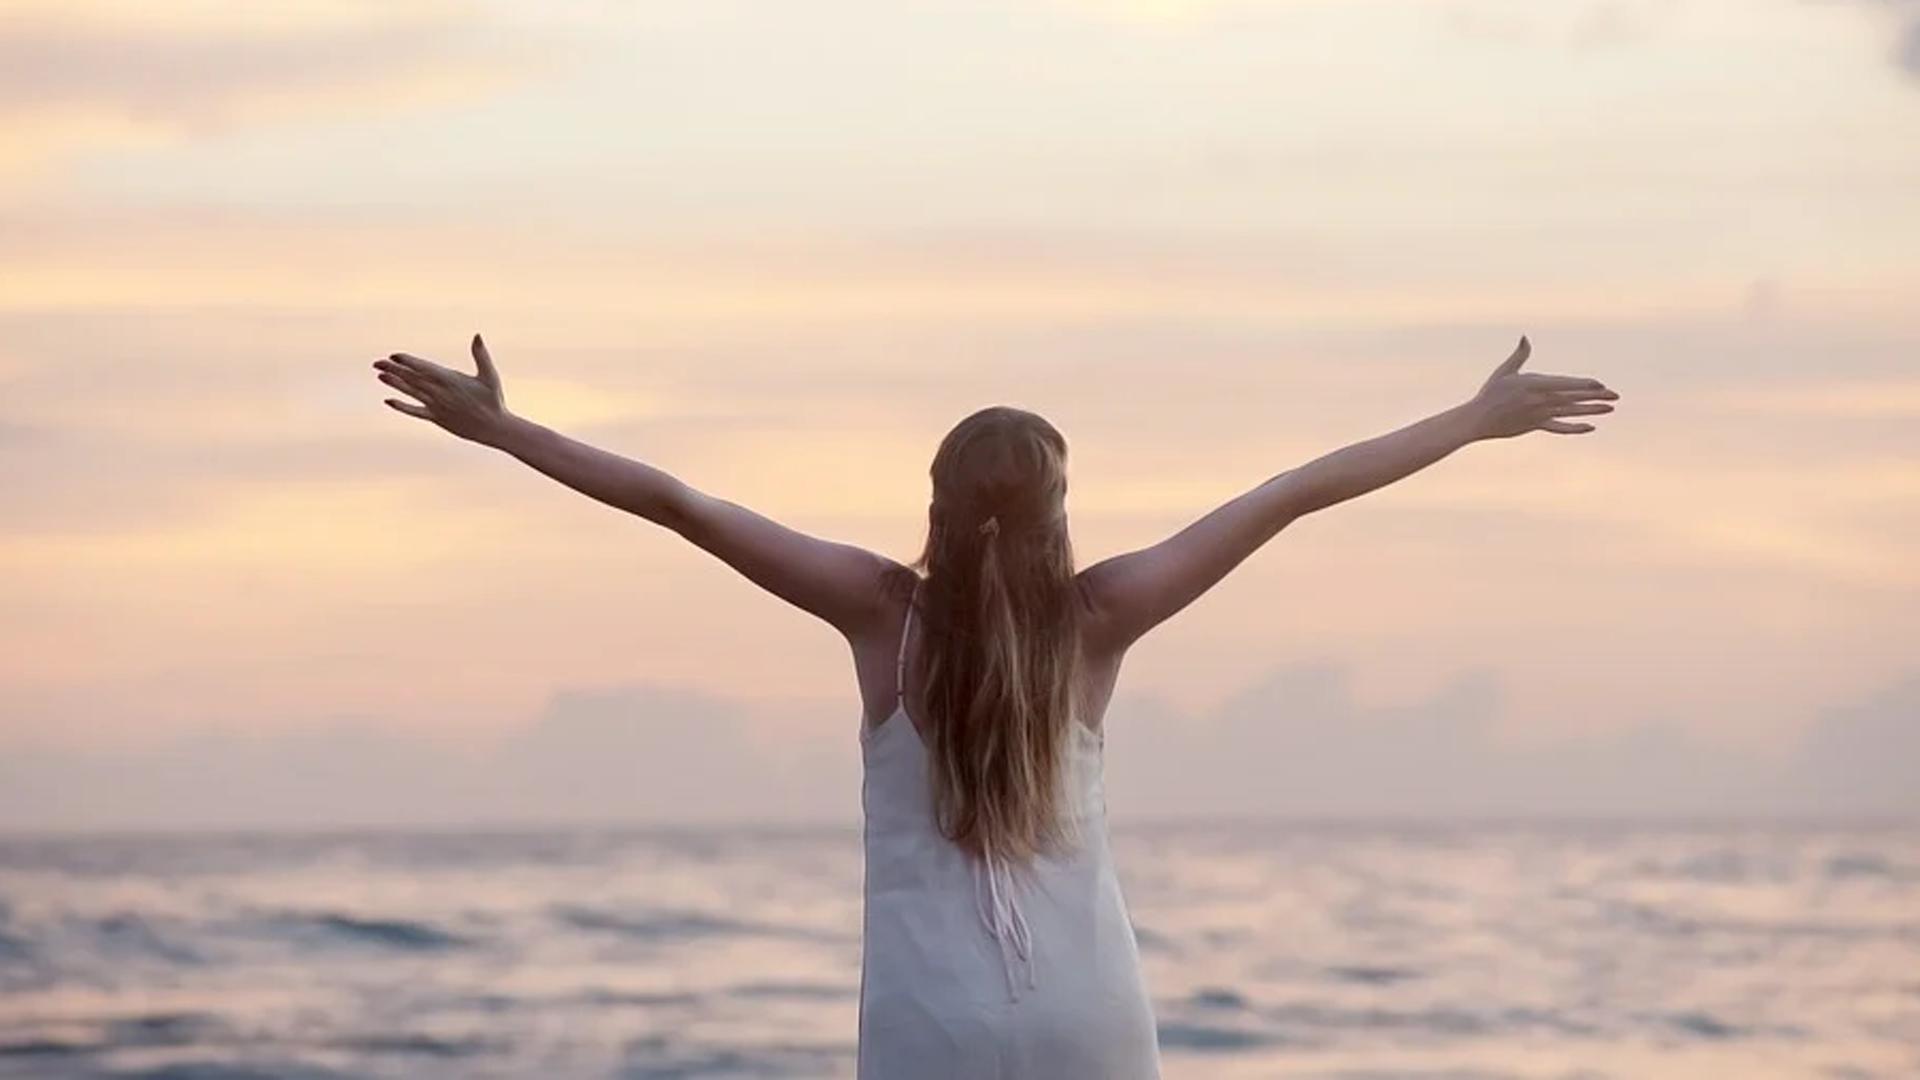 Donna e autostima: star bene con te stessa è la chiave.